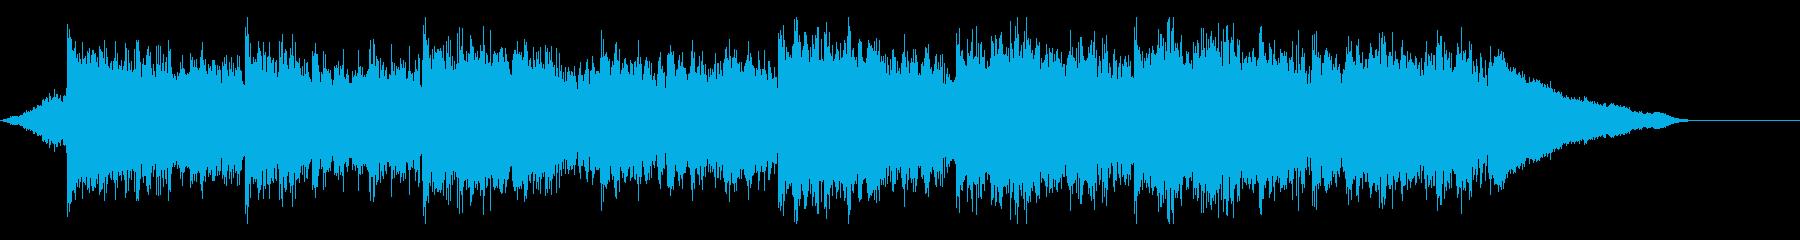 企業VP映像、164オーケストラ、爽快Sの再生済みの波形